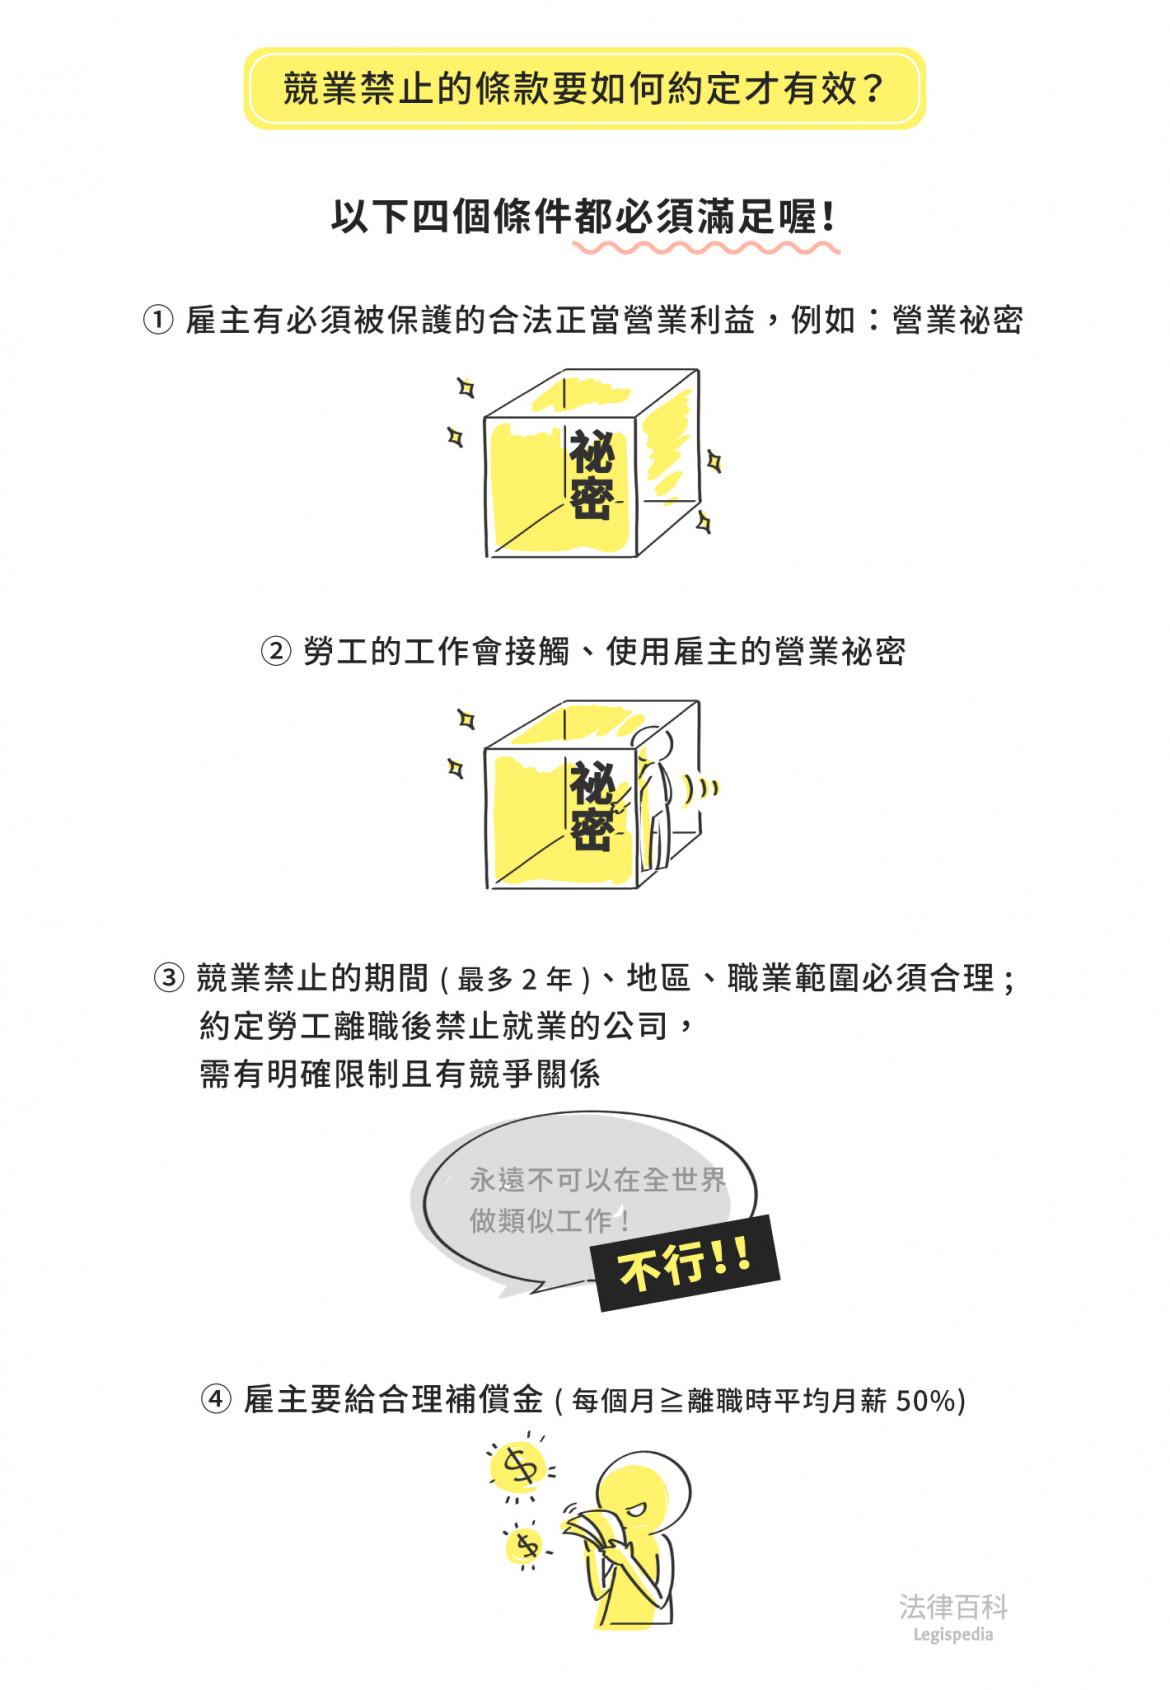 圖1 競業禁止的條款要如何約定才有效?||資料來源:陳郁庭 / 繪圖:Yen